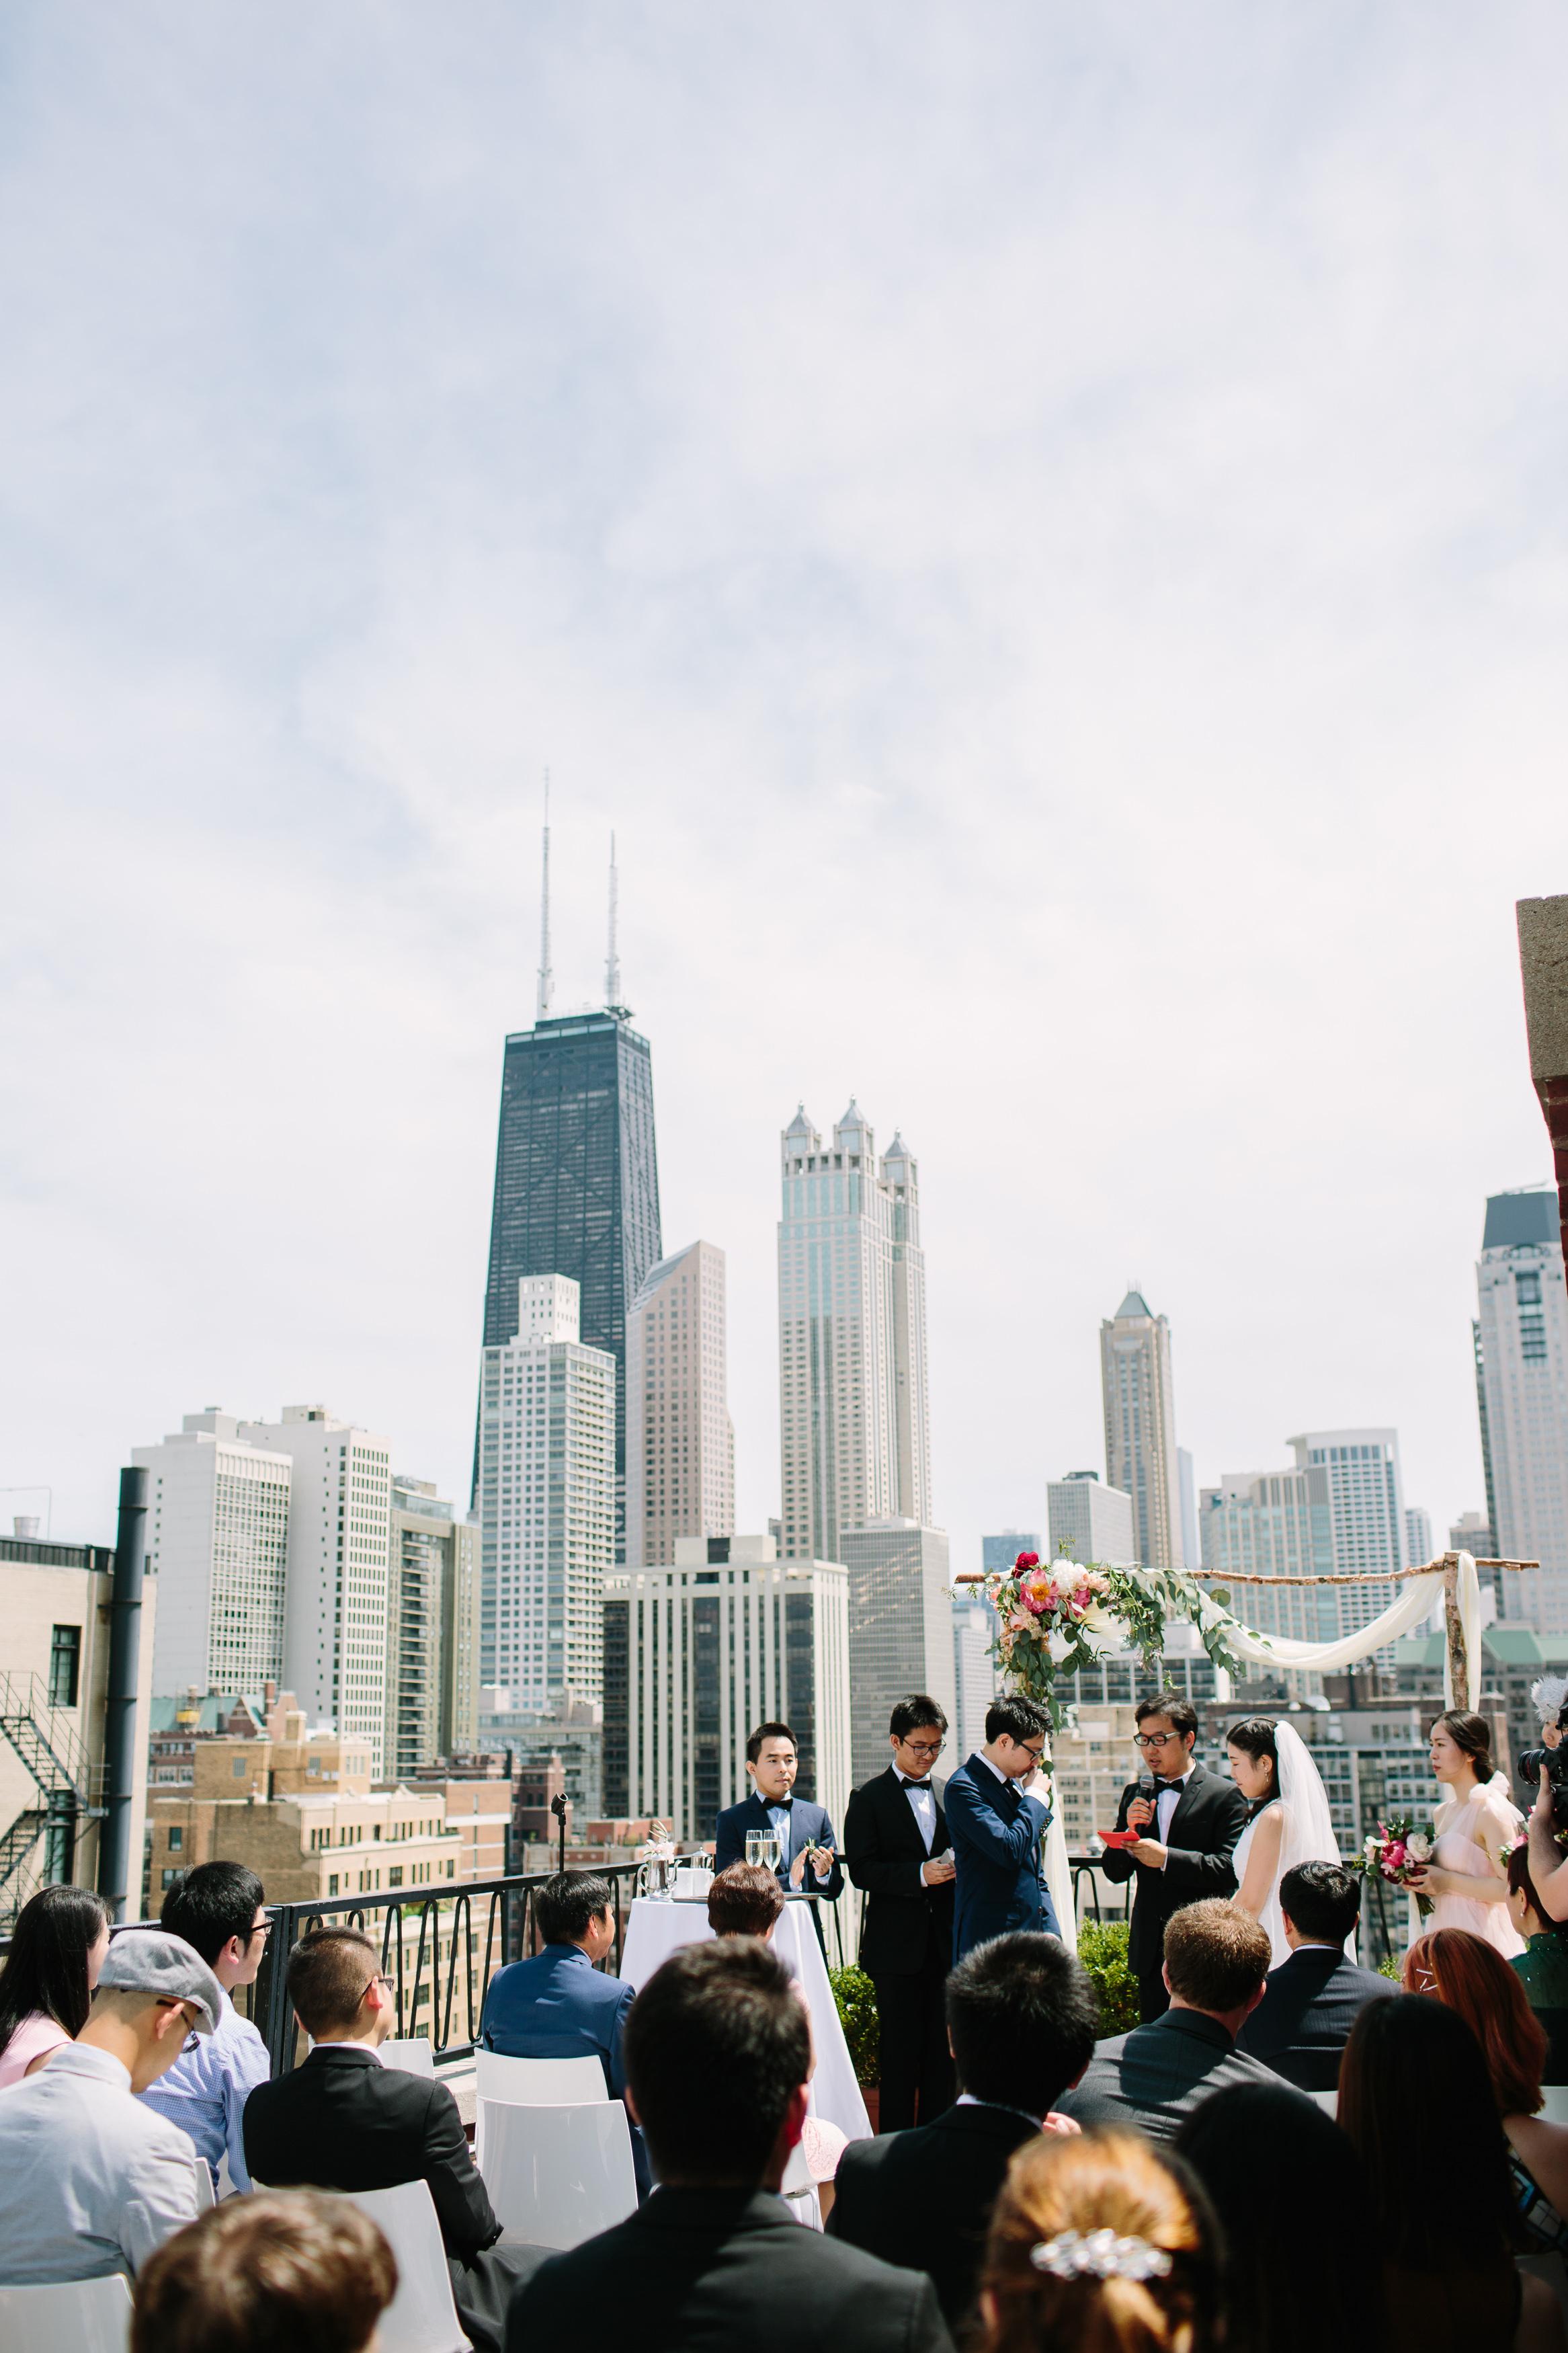 Nicodem Creative-Wang Wedding-Public Hotel Chicago-21.jpg